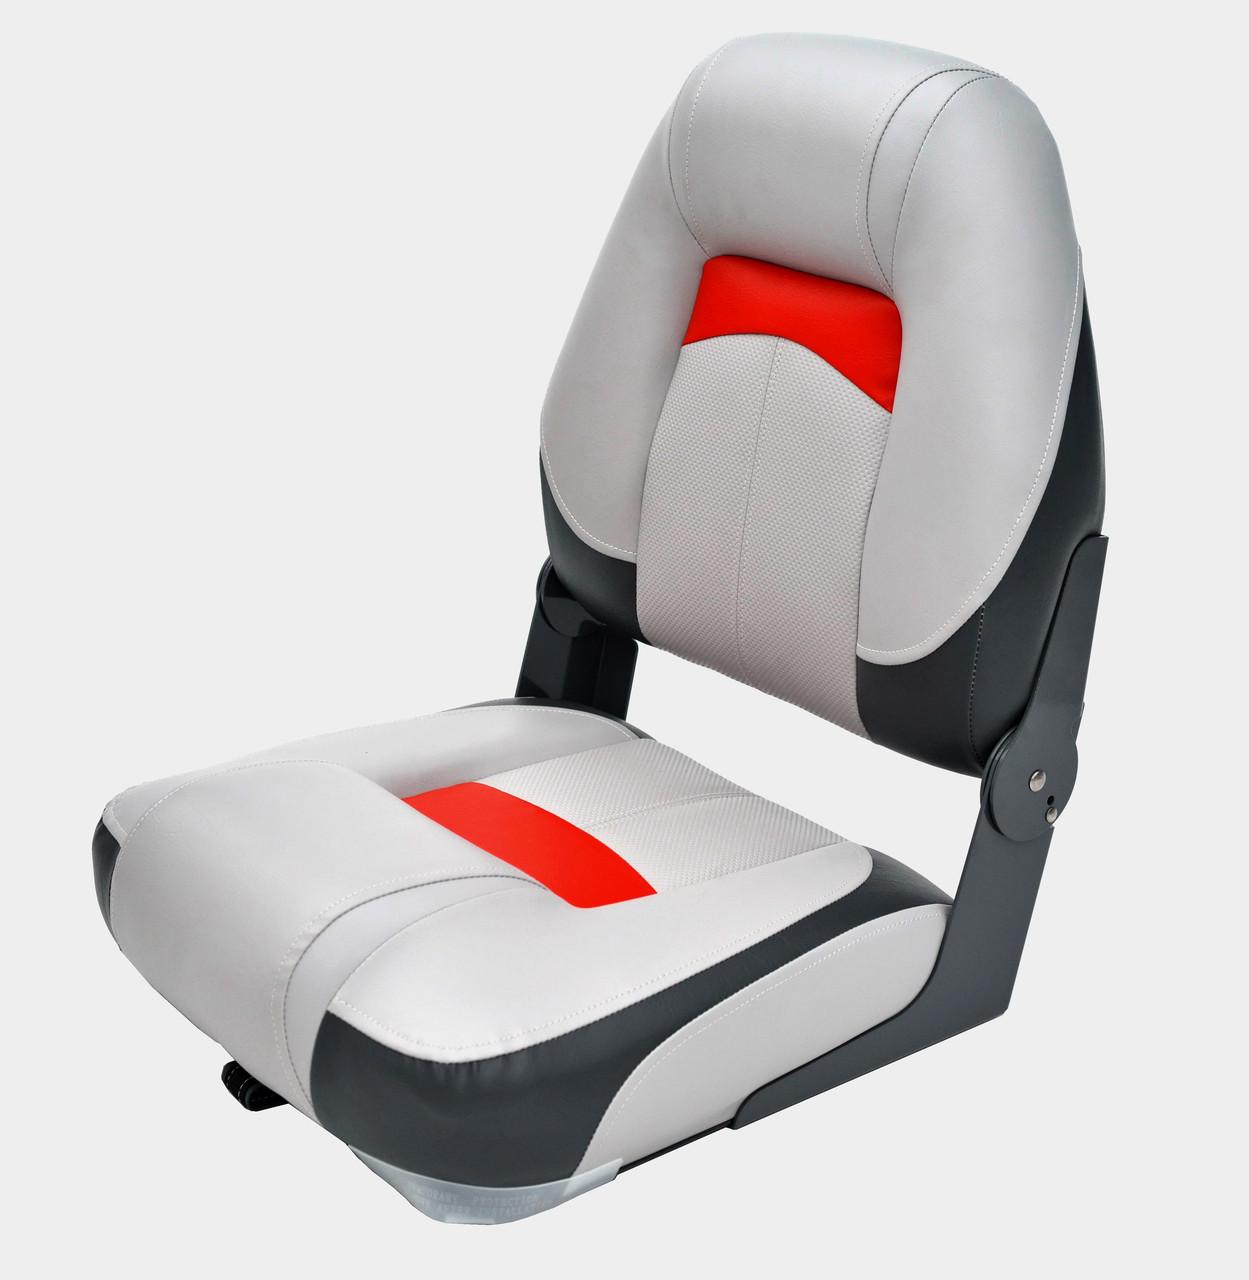 Сиденье NewStar Premium мягкое с высокой спинкой складное Серый/Уголь/Красный